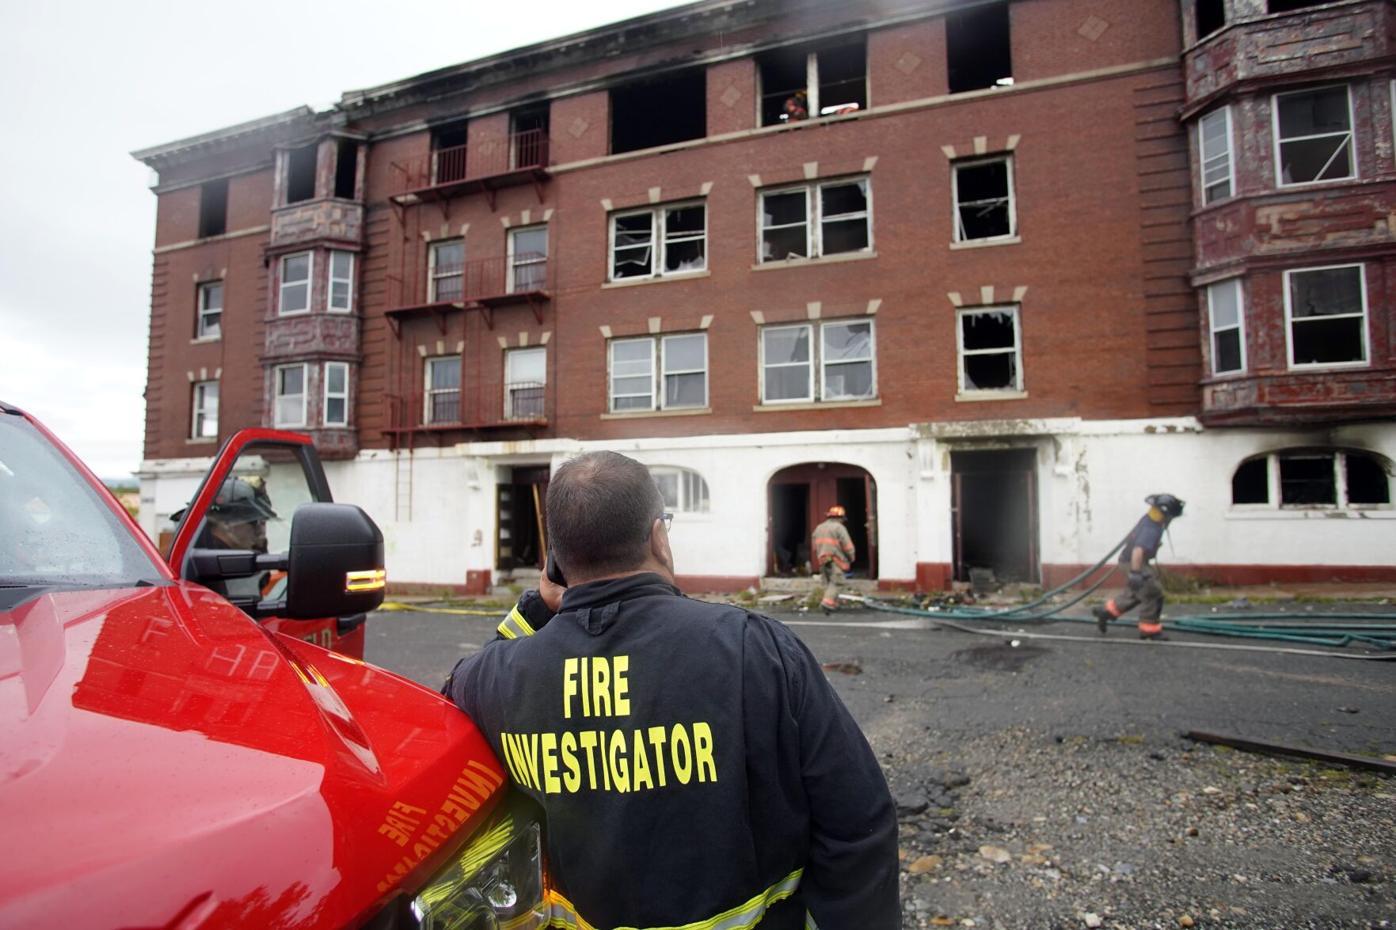 Pittsfield fire investigator (copy)